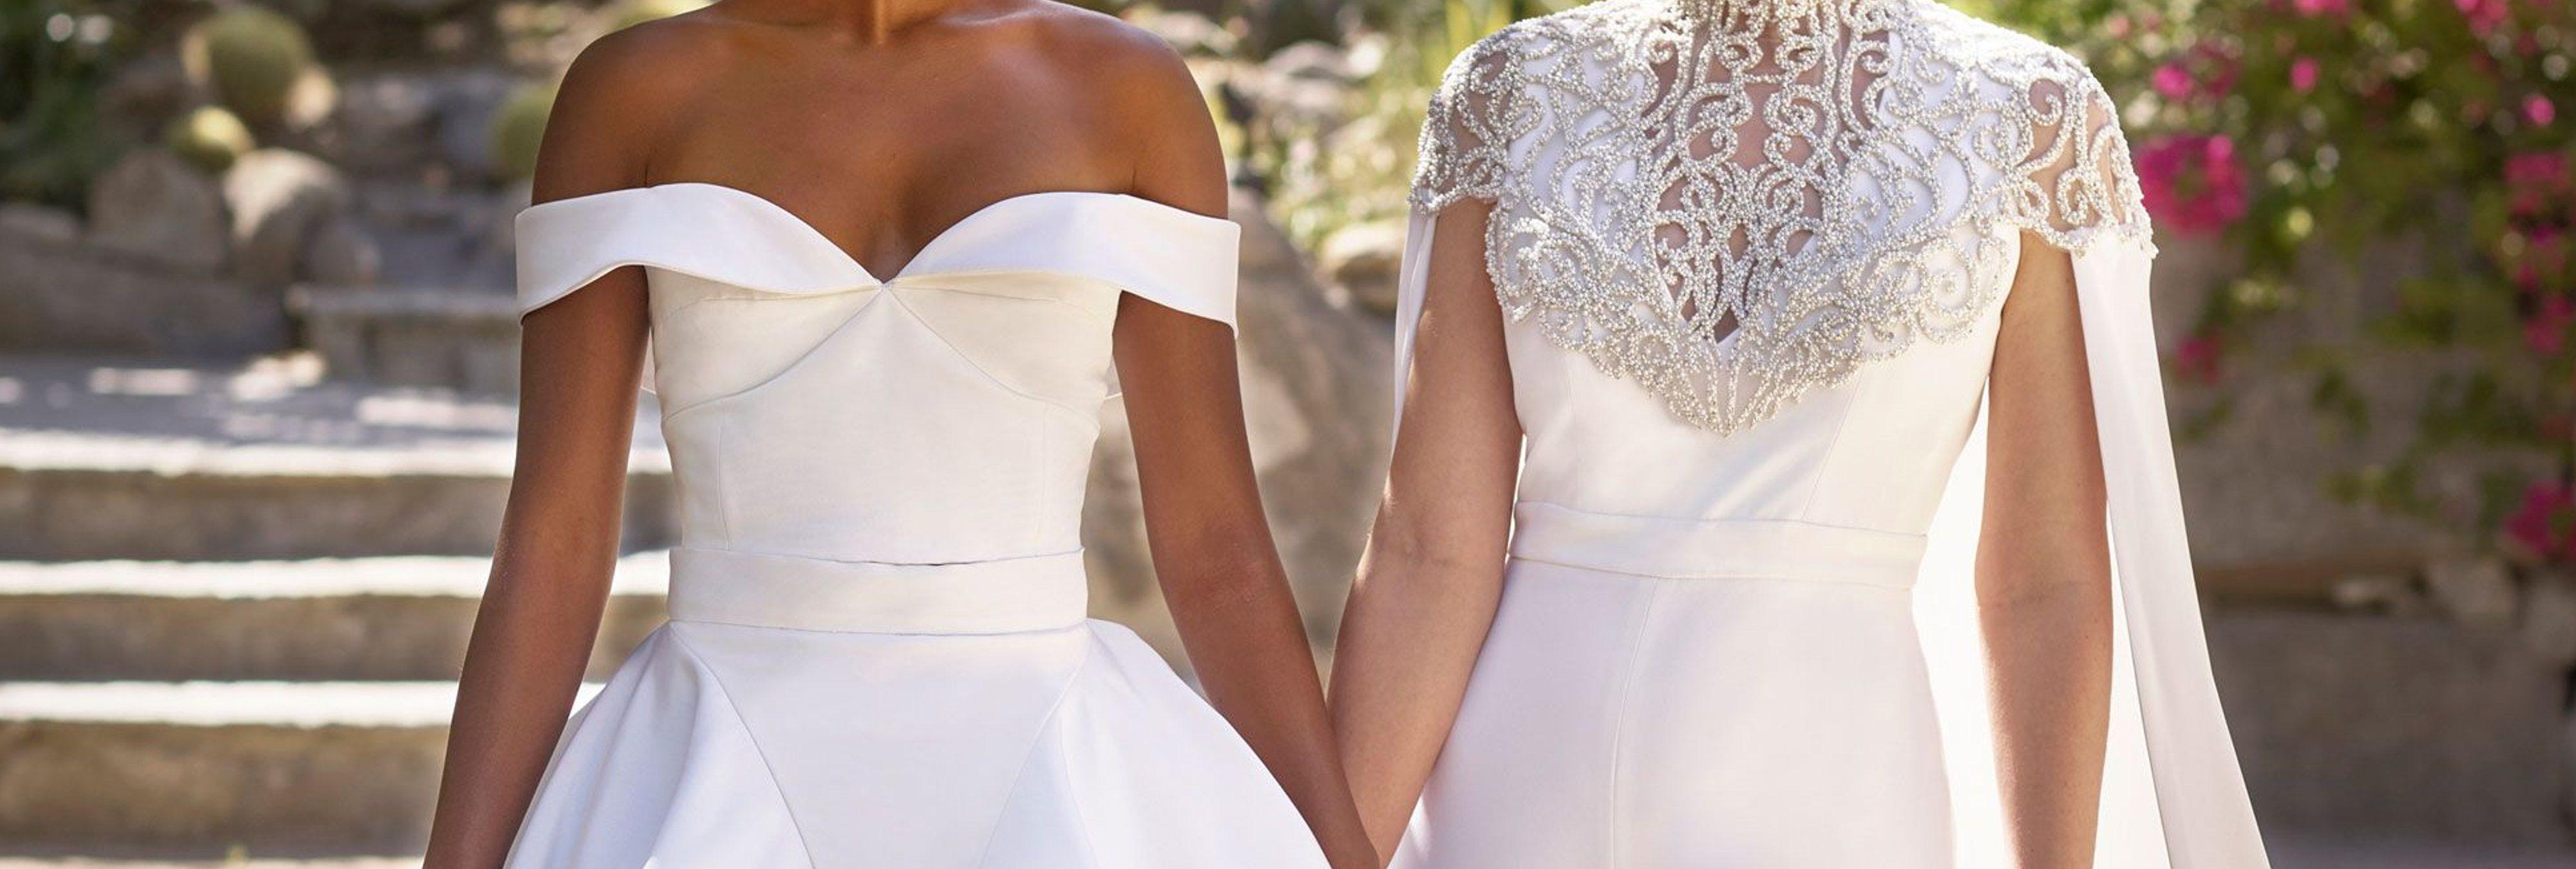 Una tienda de vestidos de novia prefiere cerrar a vender a mujeres lesbianas